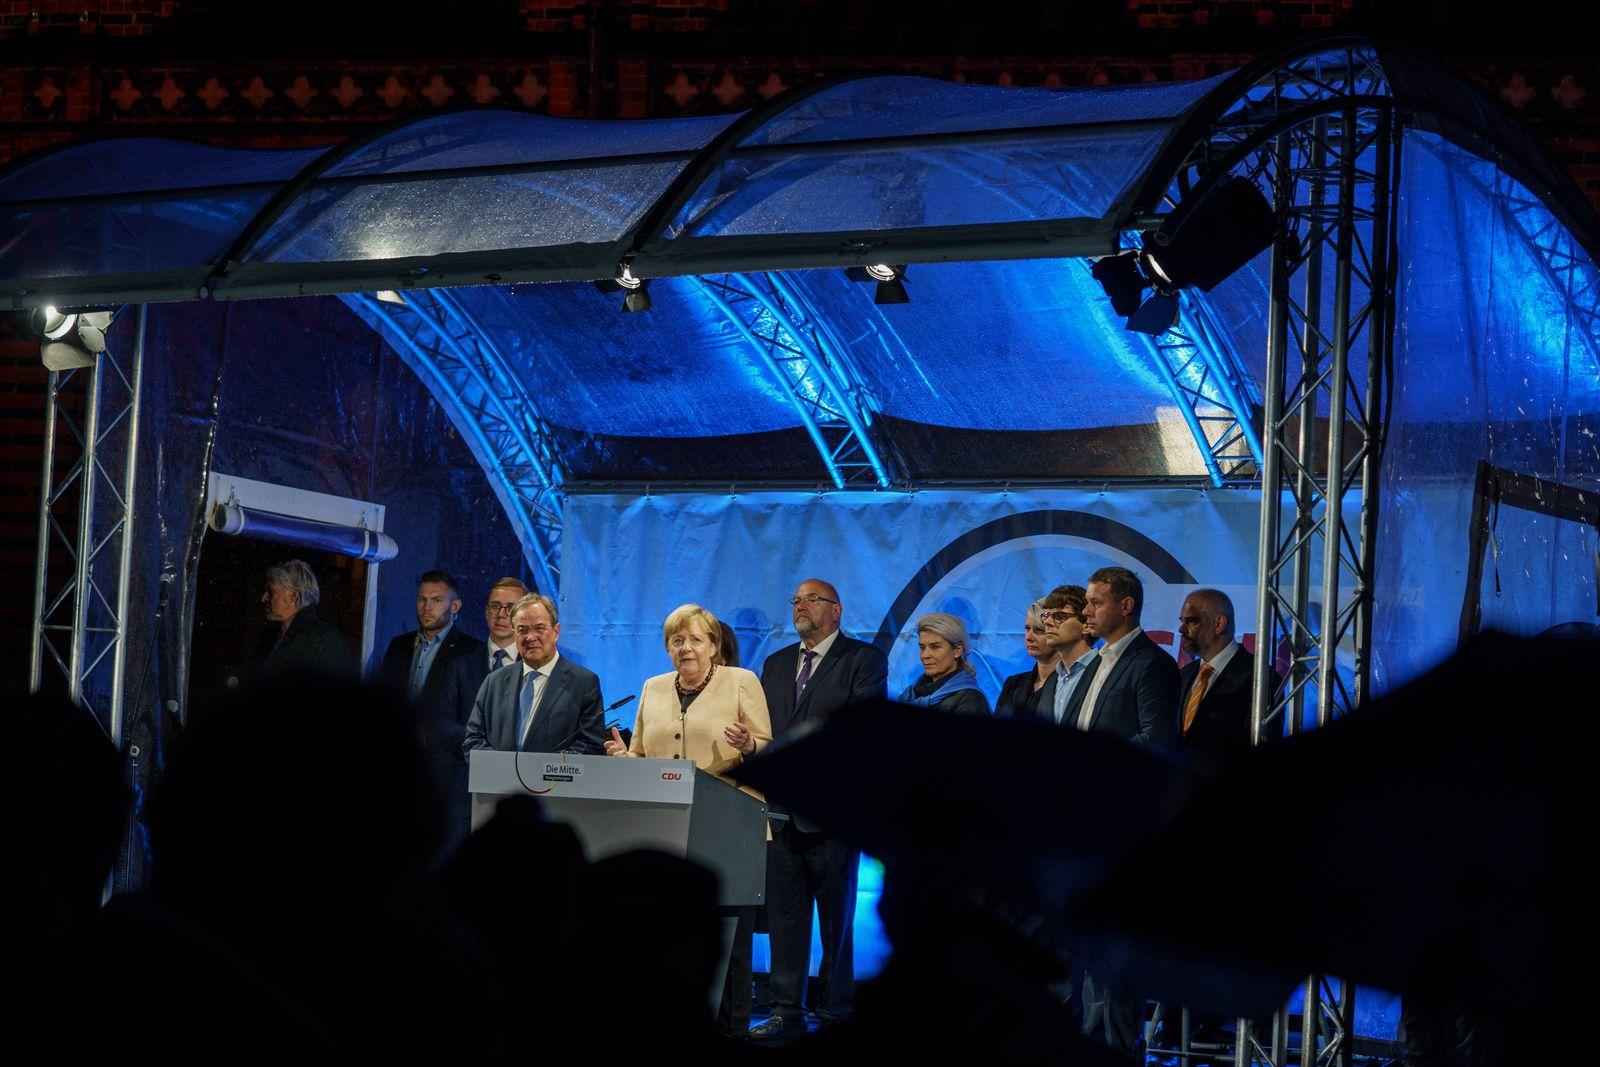 Armin Laschet, Spitzenkandidat CDU/CSU und CDU-Bundesvorsitzender - Wahlkampfveranstaltung Alter Markt in Stralsund, Mec